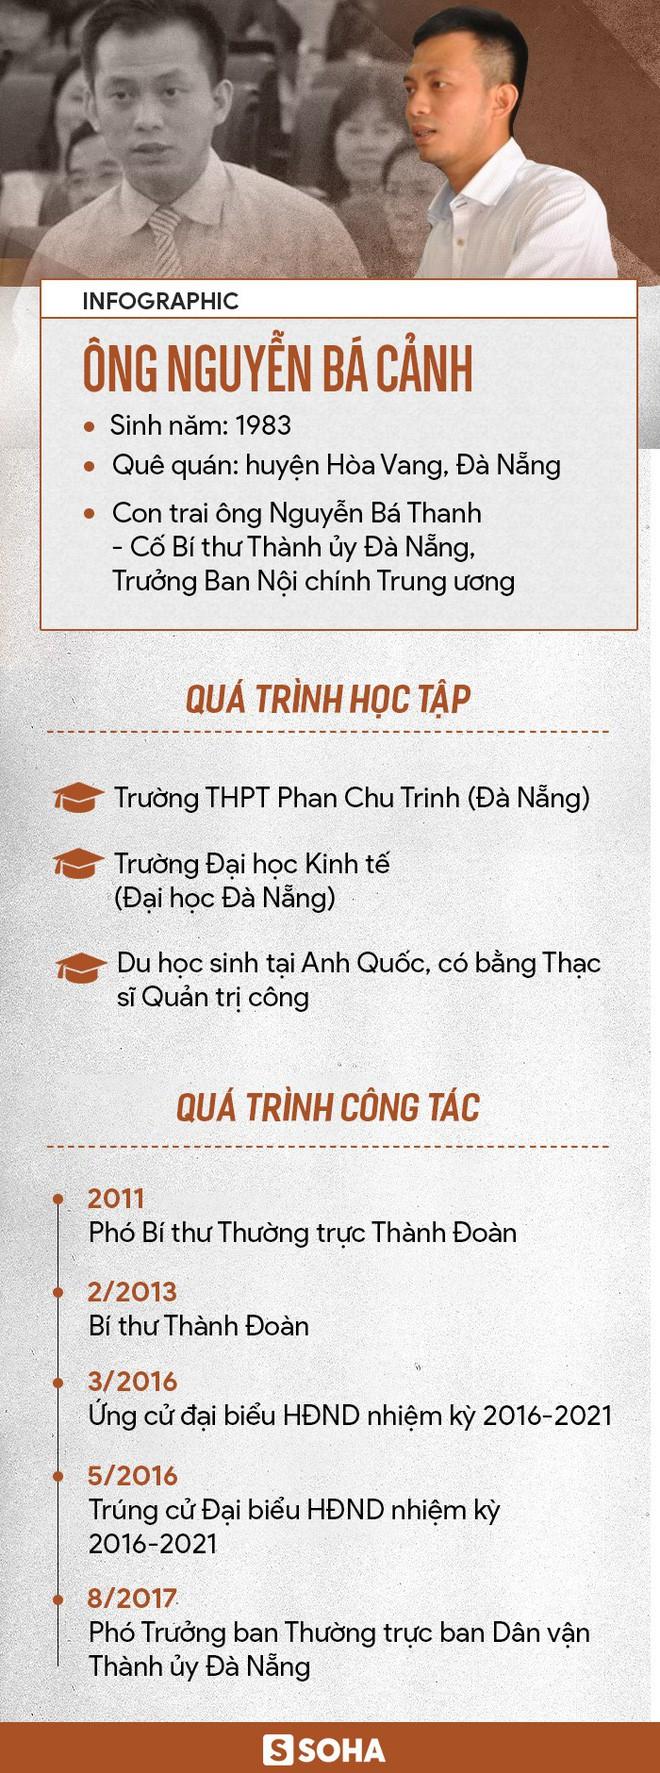 Đường sự nghiệp của ông Nguyễn Bá Cảnh trước khi bị đề nghị cách hết các chức vụ trong Đảng - Ảnh 5.